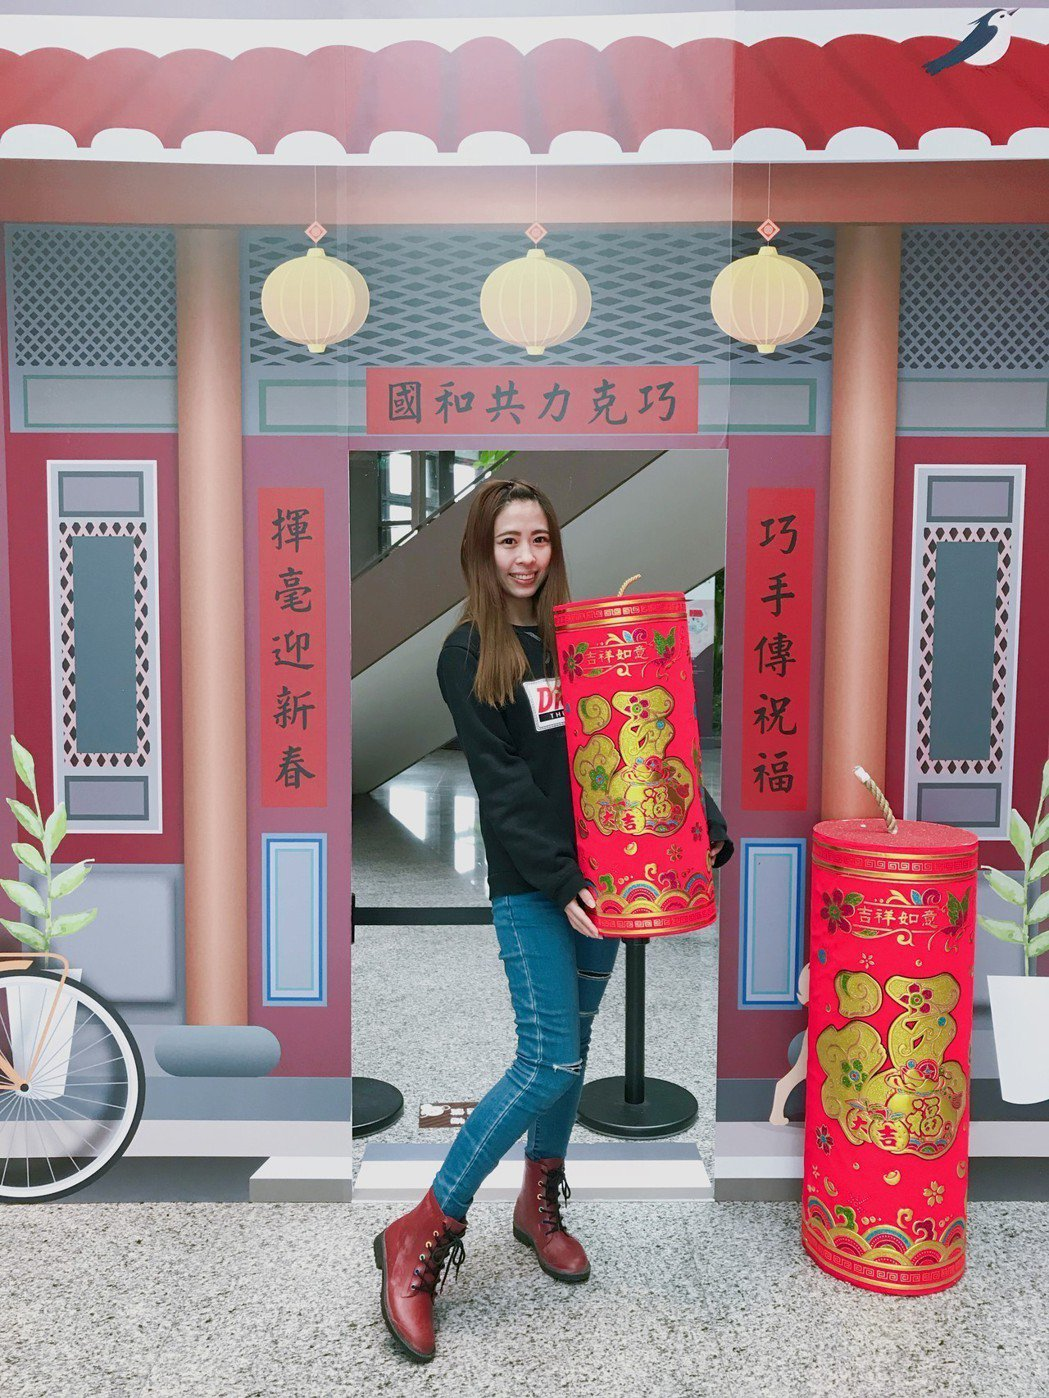 桃園「巧克力共和國」因應春節推出三合院佈景,包括喜氣春聯的大門、超大鞭炮道具可供...